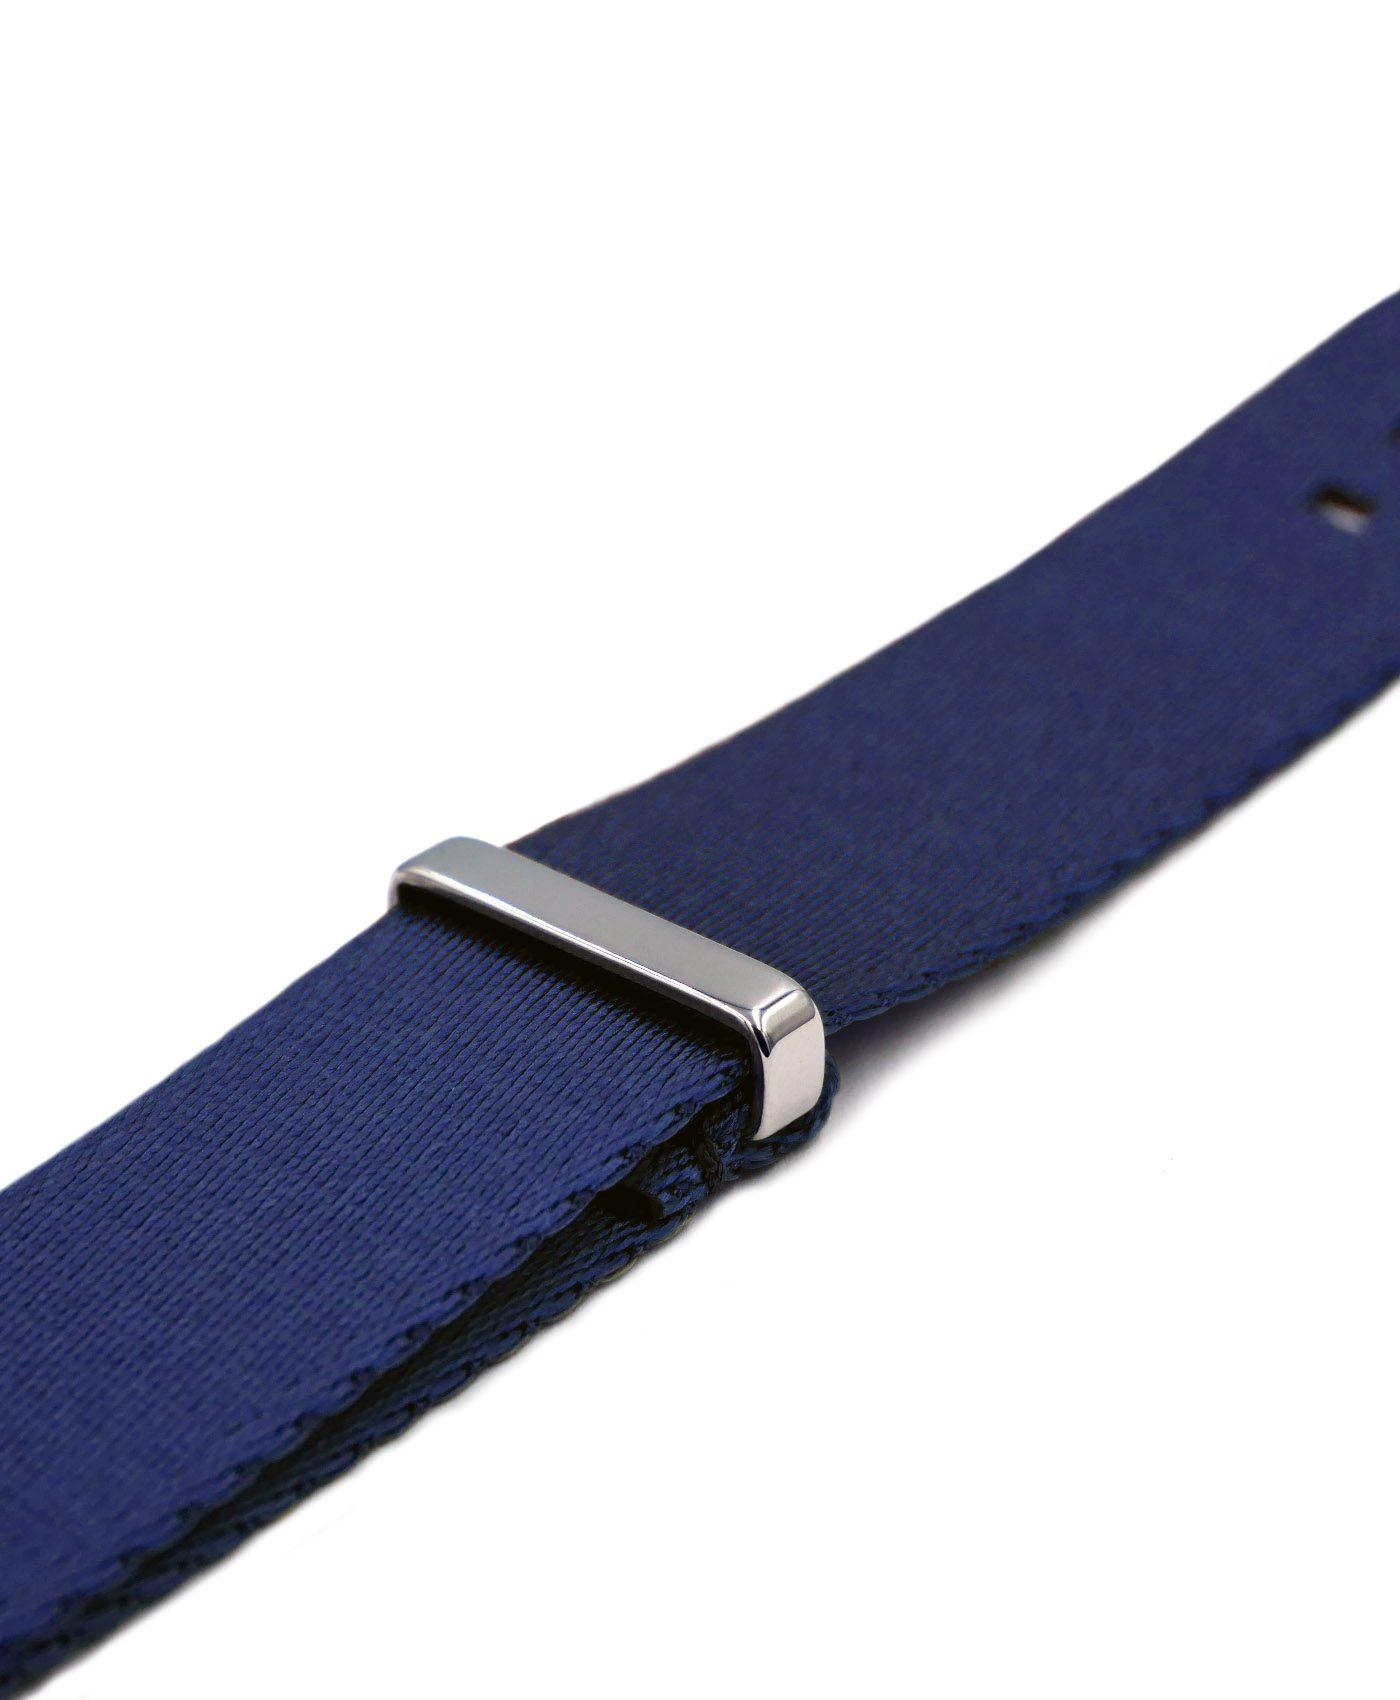 Premium 1.2 mm seat belt NATO Strap black grey striped side by WatchBandit